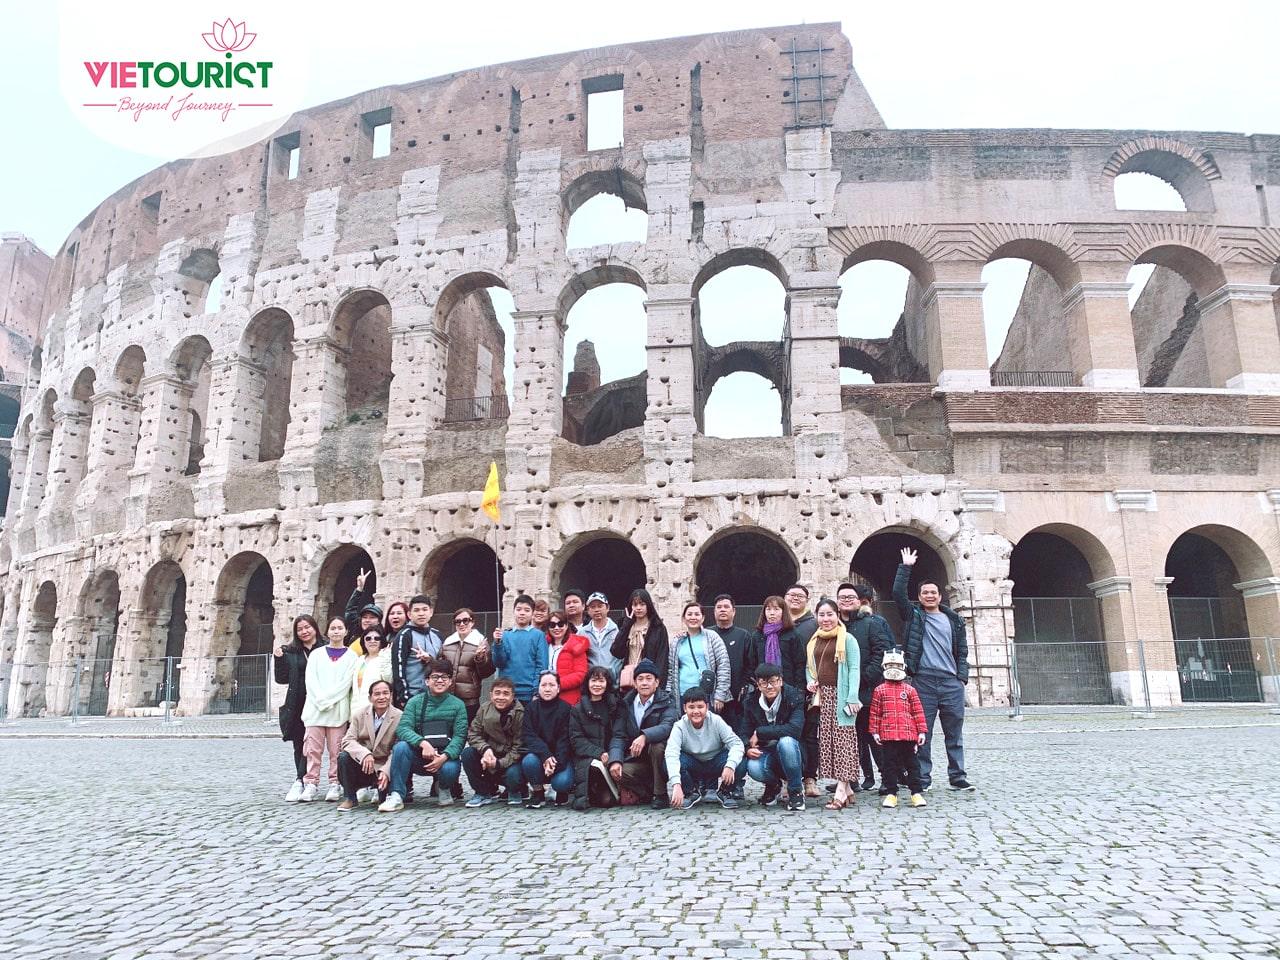 Hình khách hàng tham gia tour Châu Âu cùng Vietourist